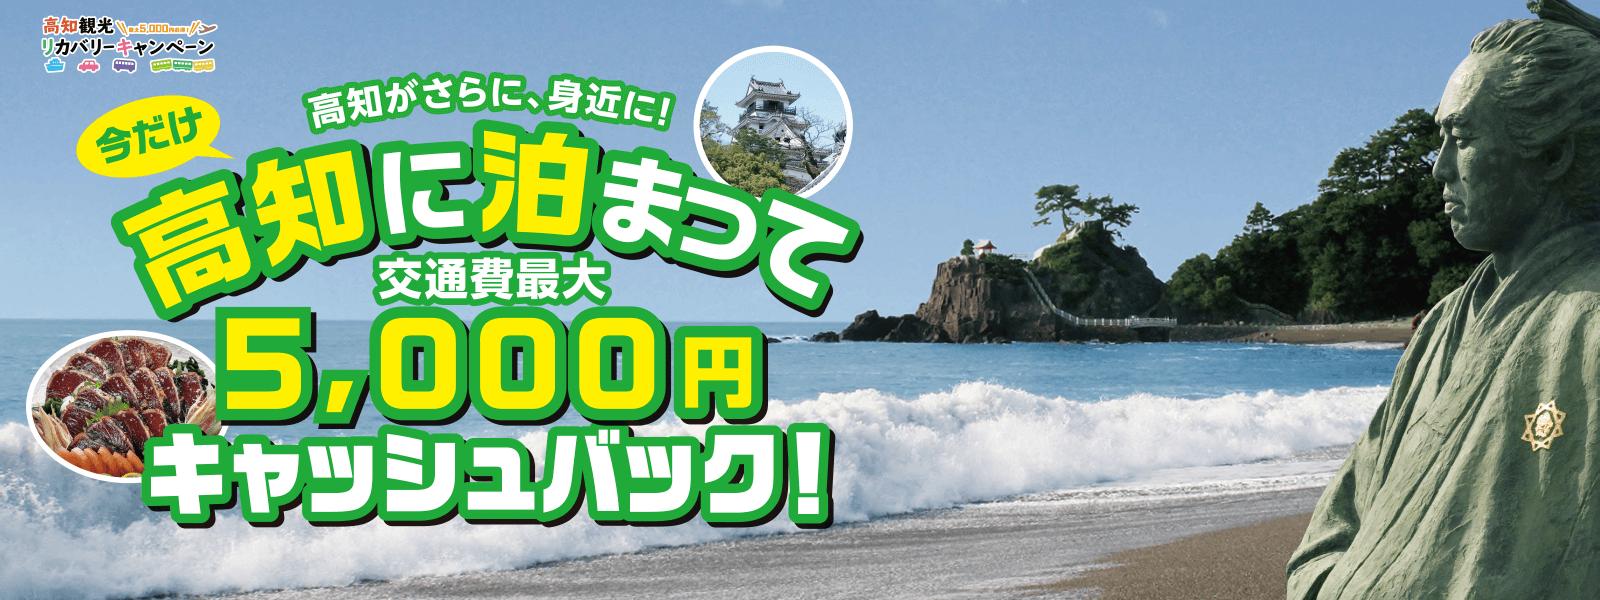 【公式】高知観光リカバリーキャンペーン